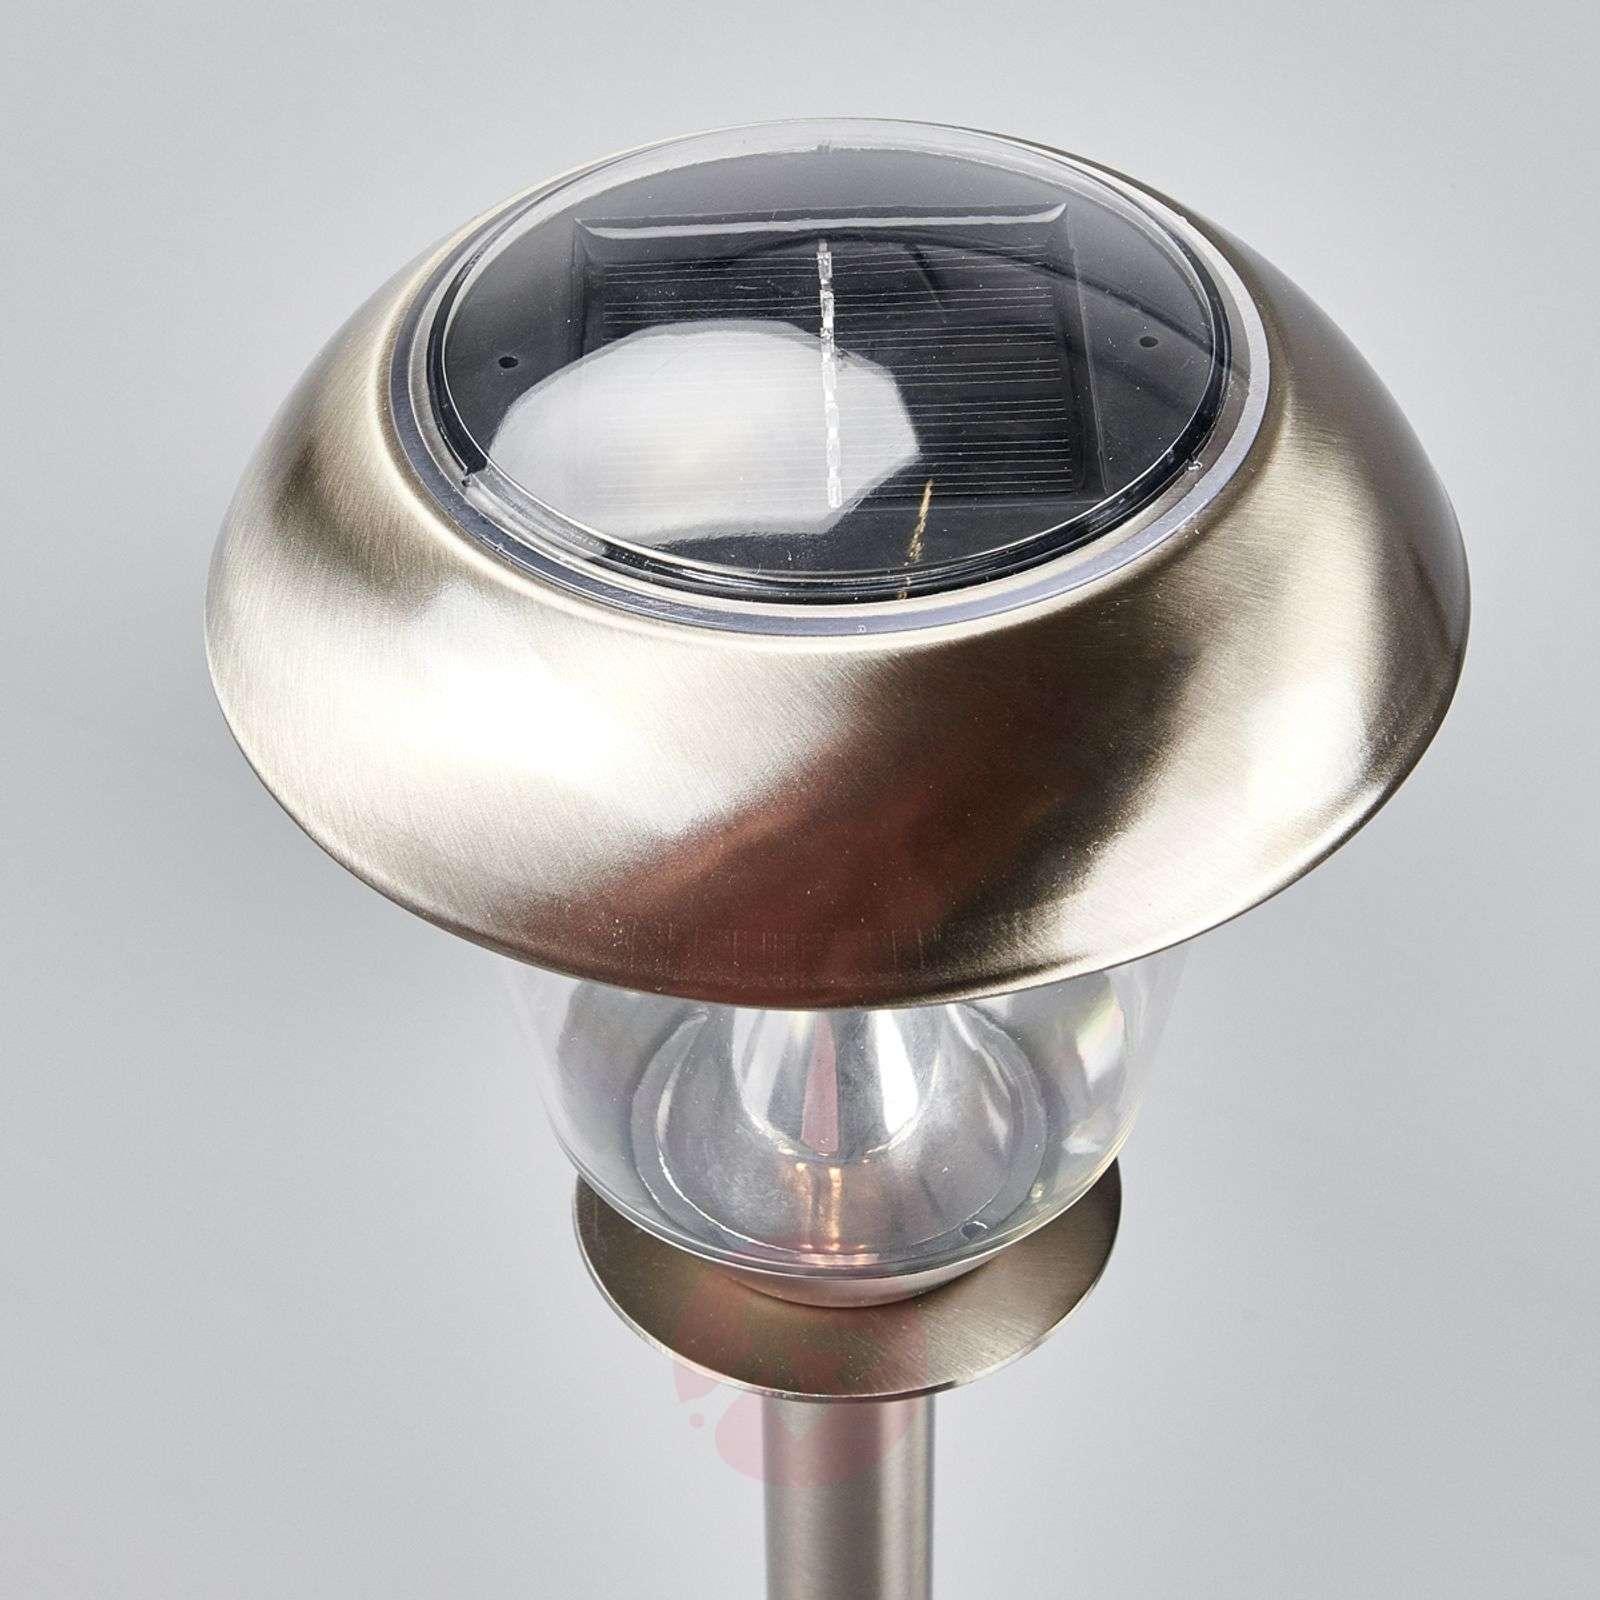 Nela LED-aurinkovalaisin puutarhaan-9955025-09